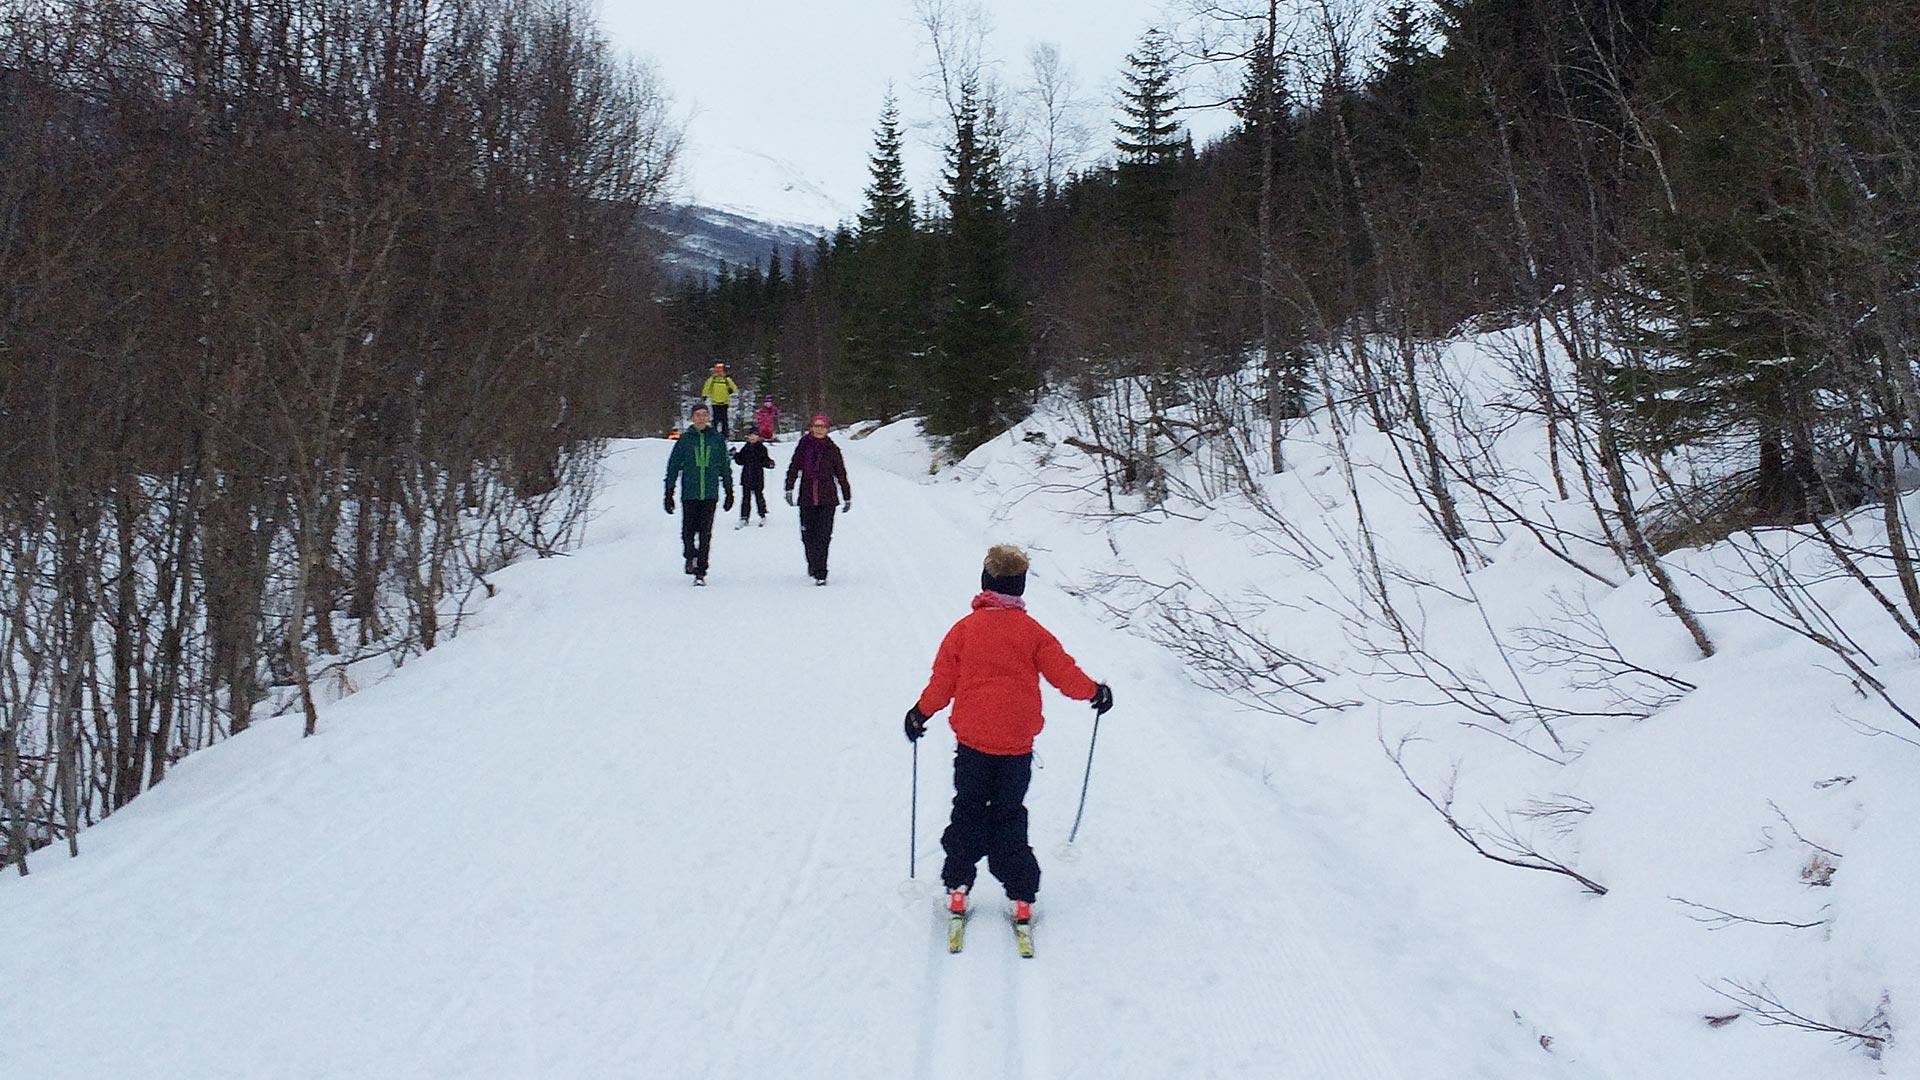 skitur-euforisk-glede